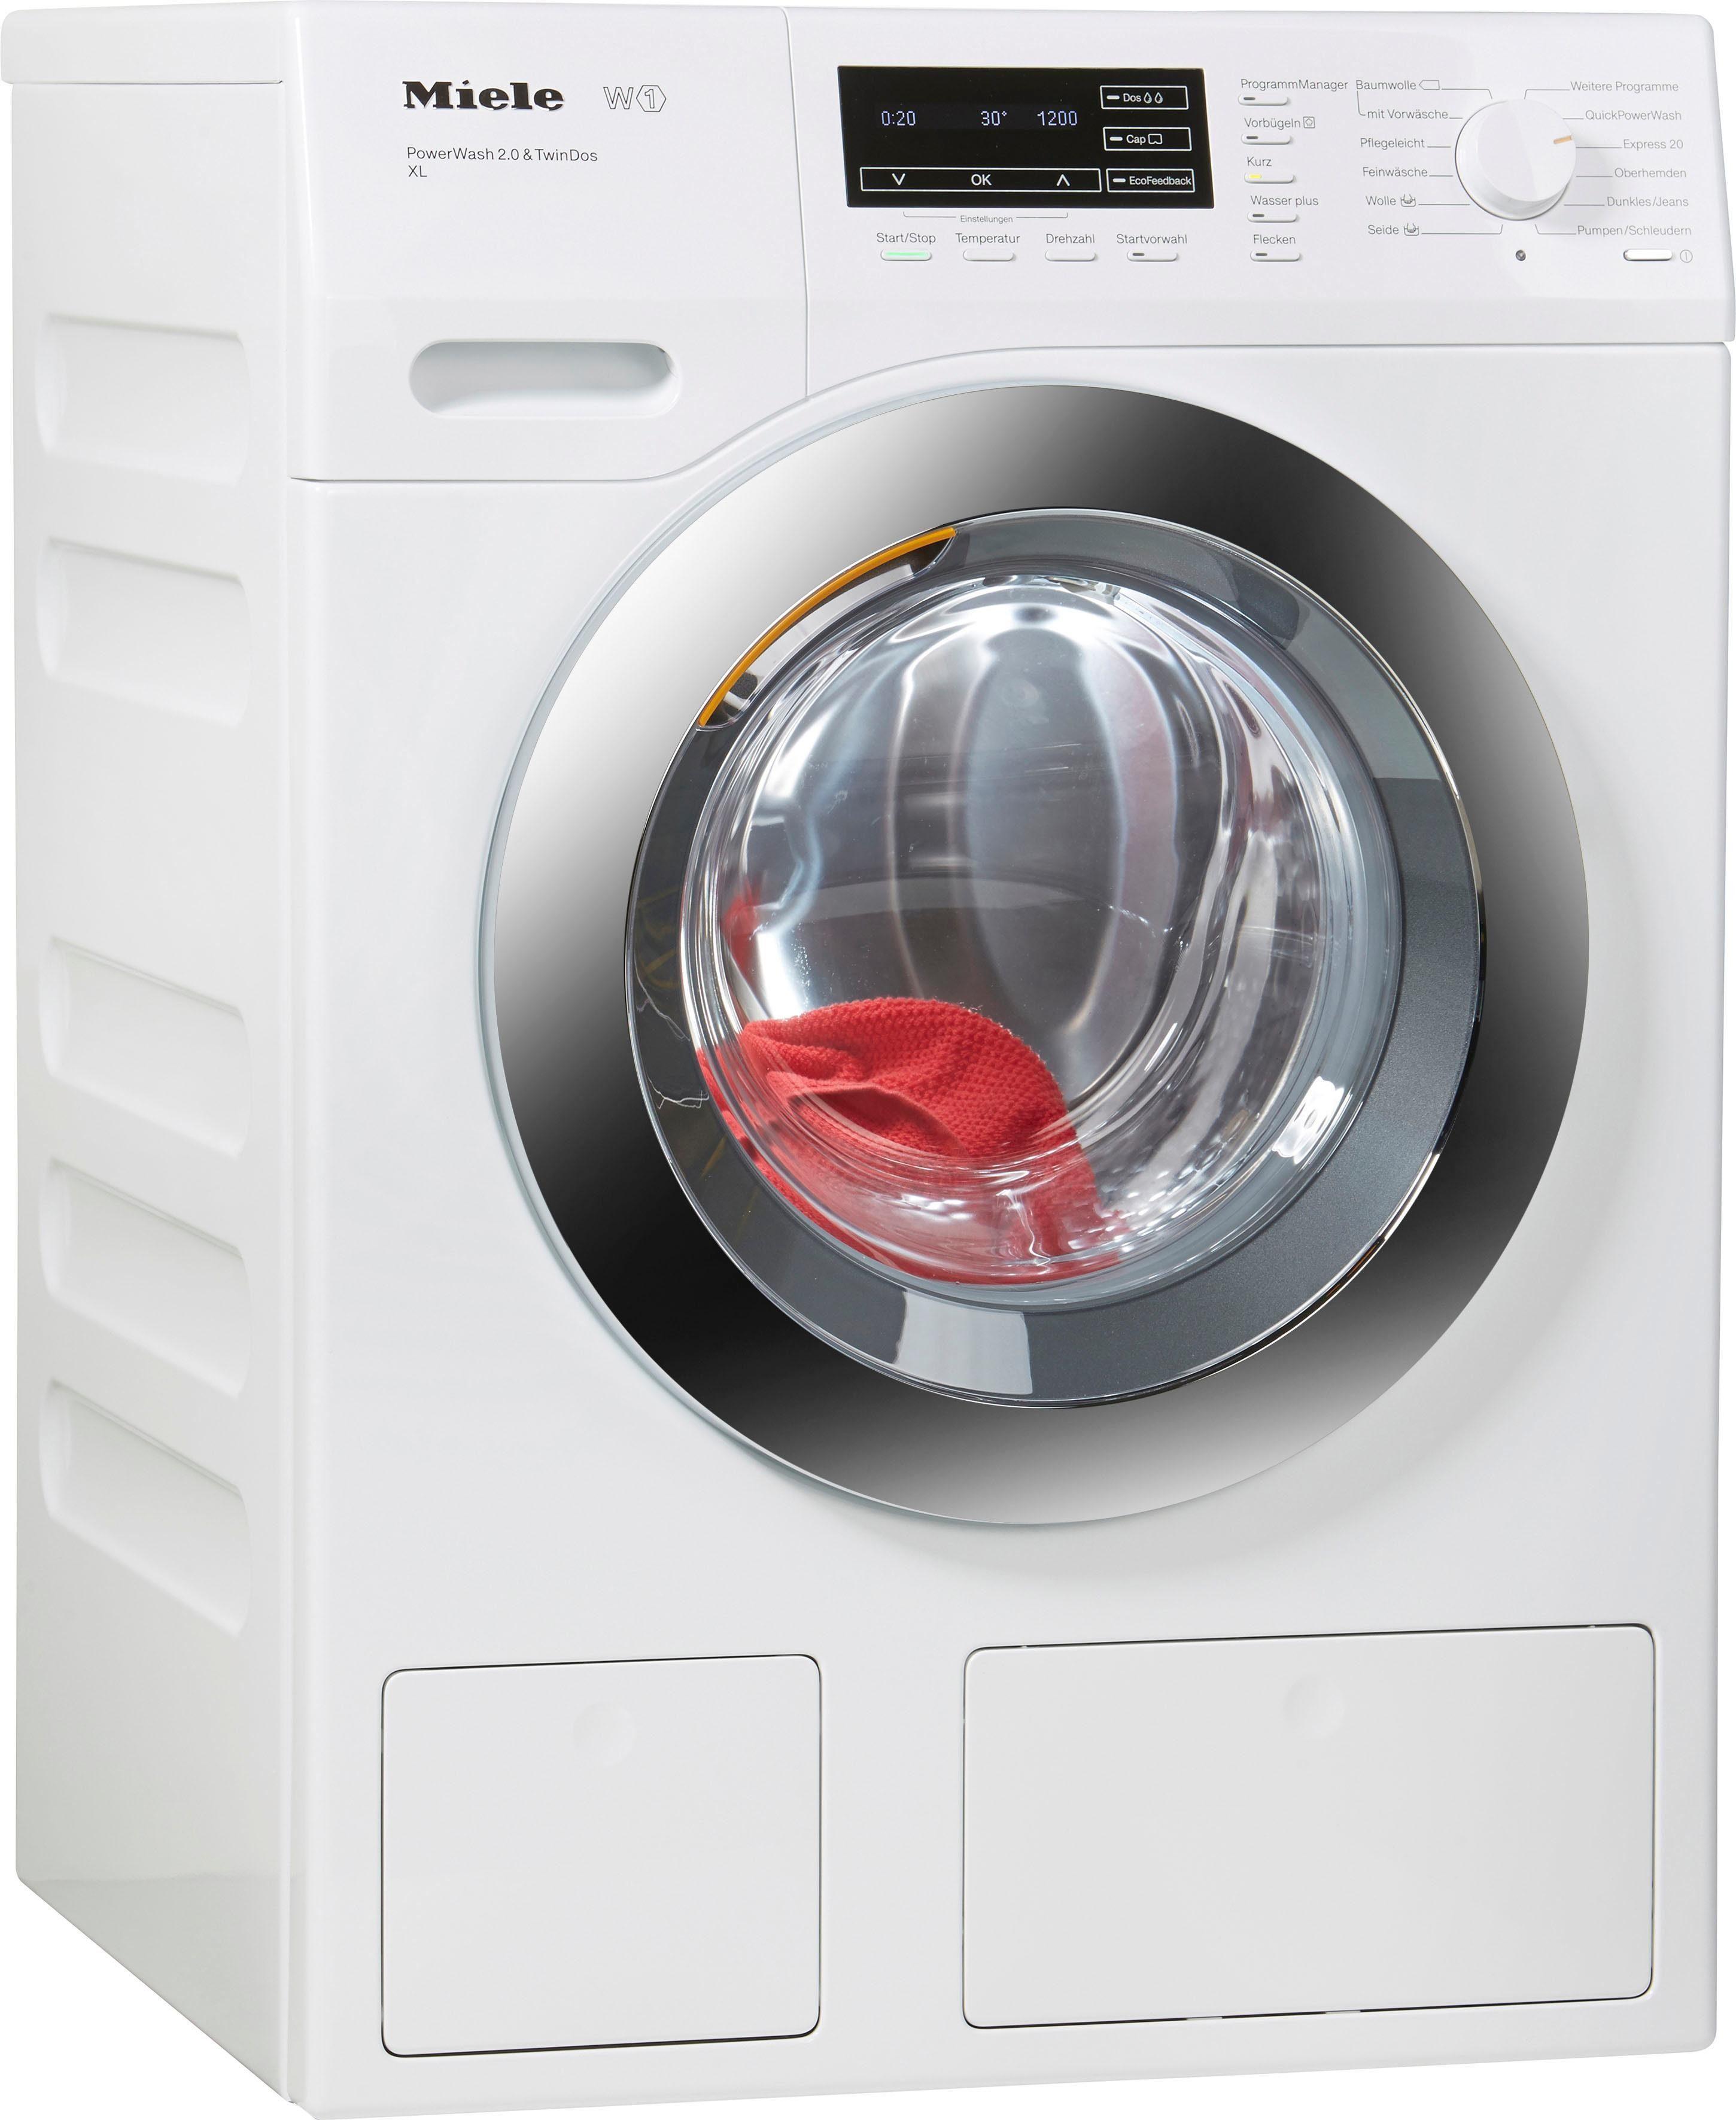 MIELE Waschmaschine WKH132WPS D LW PWash 2.0 & TDos XL, A+++, 9 kg, 1600 U/Min